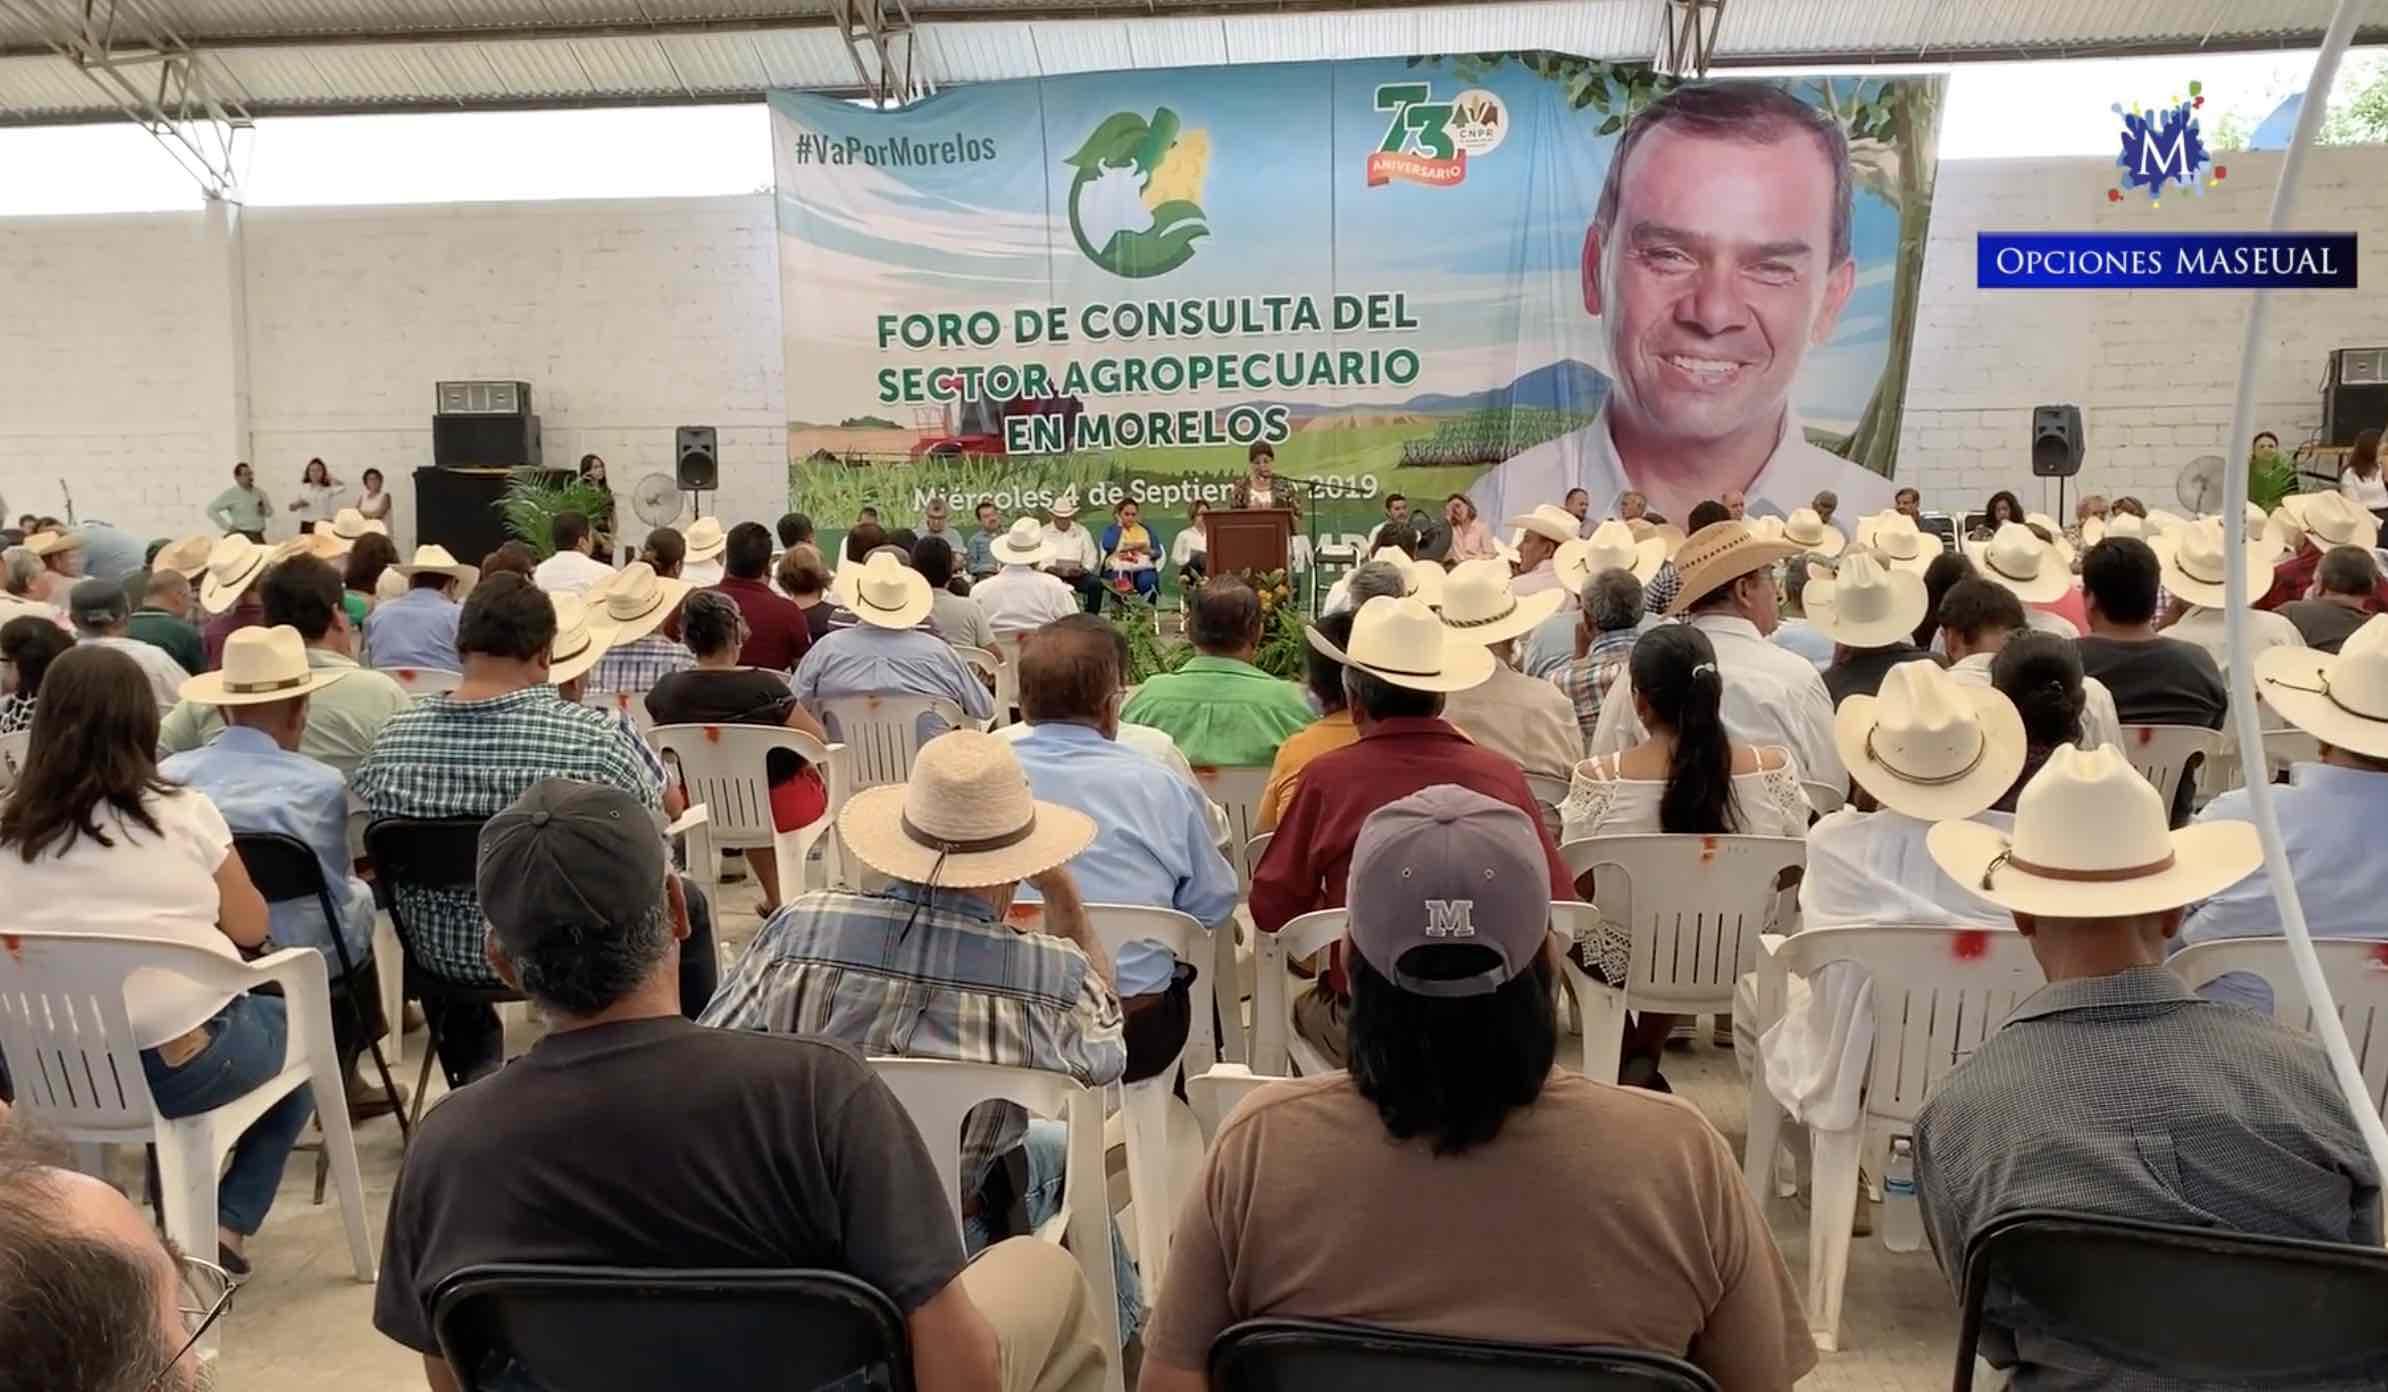 Foro Cañero Pedro Ocampo